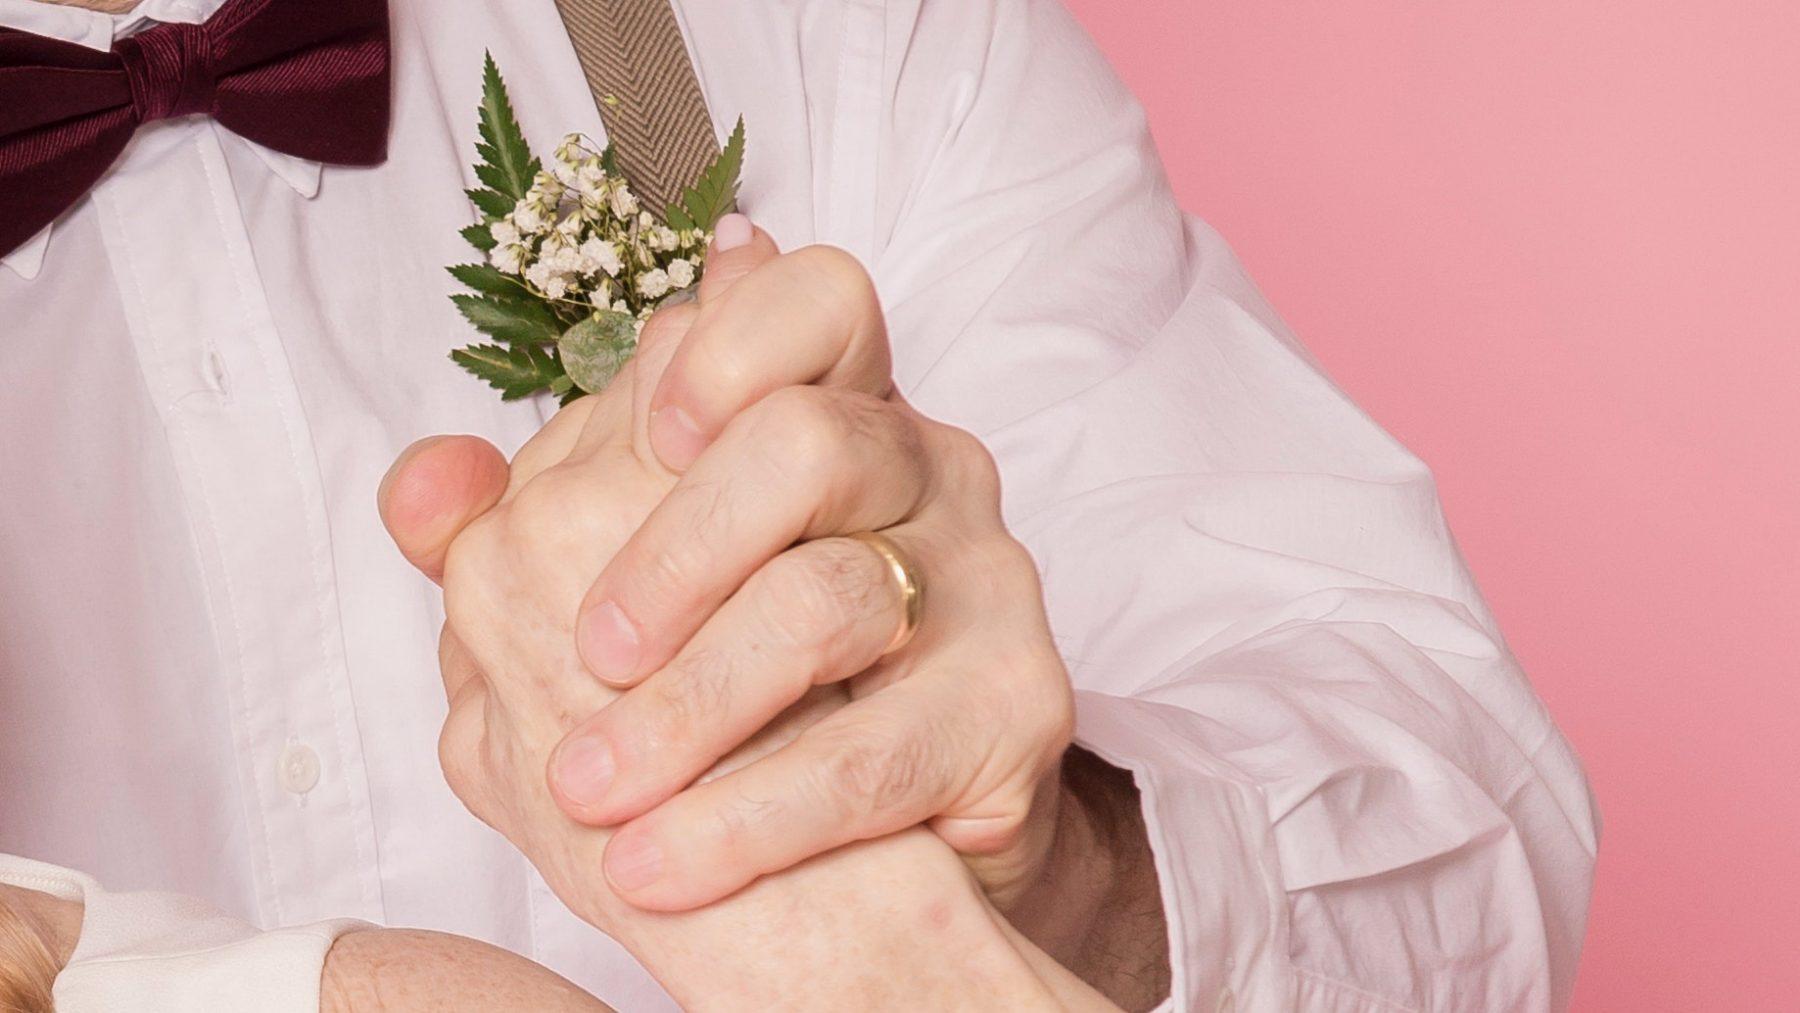 Suze zat stil op haar bruiloftsfeest: 'De band snapte niet dat we wilden dánsen'